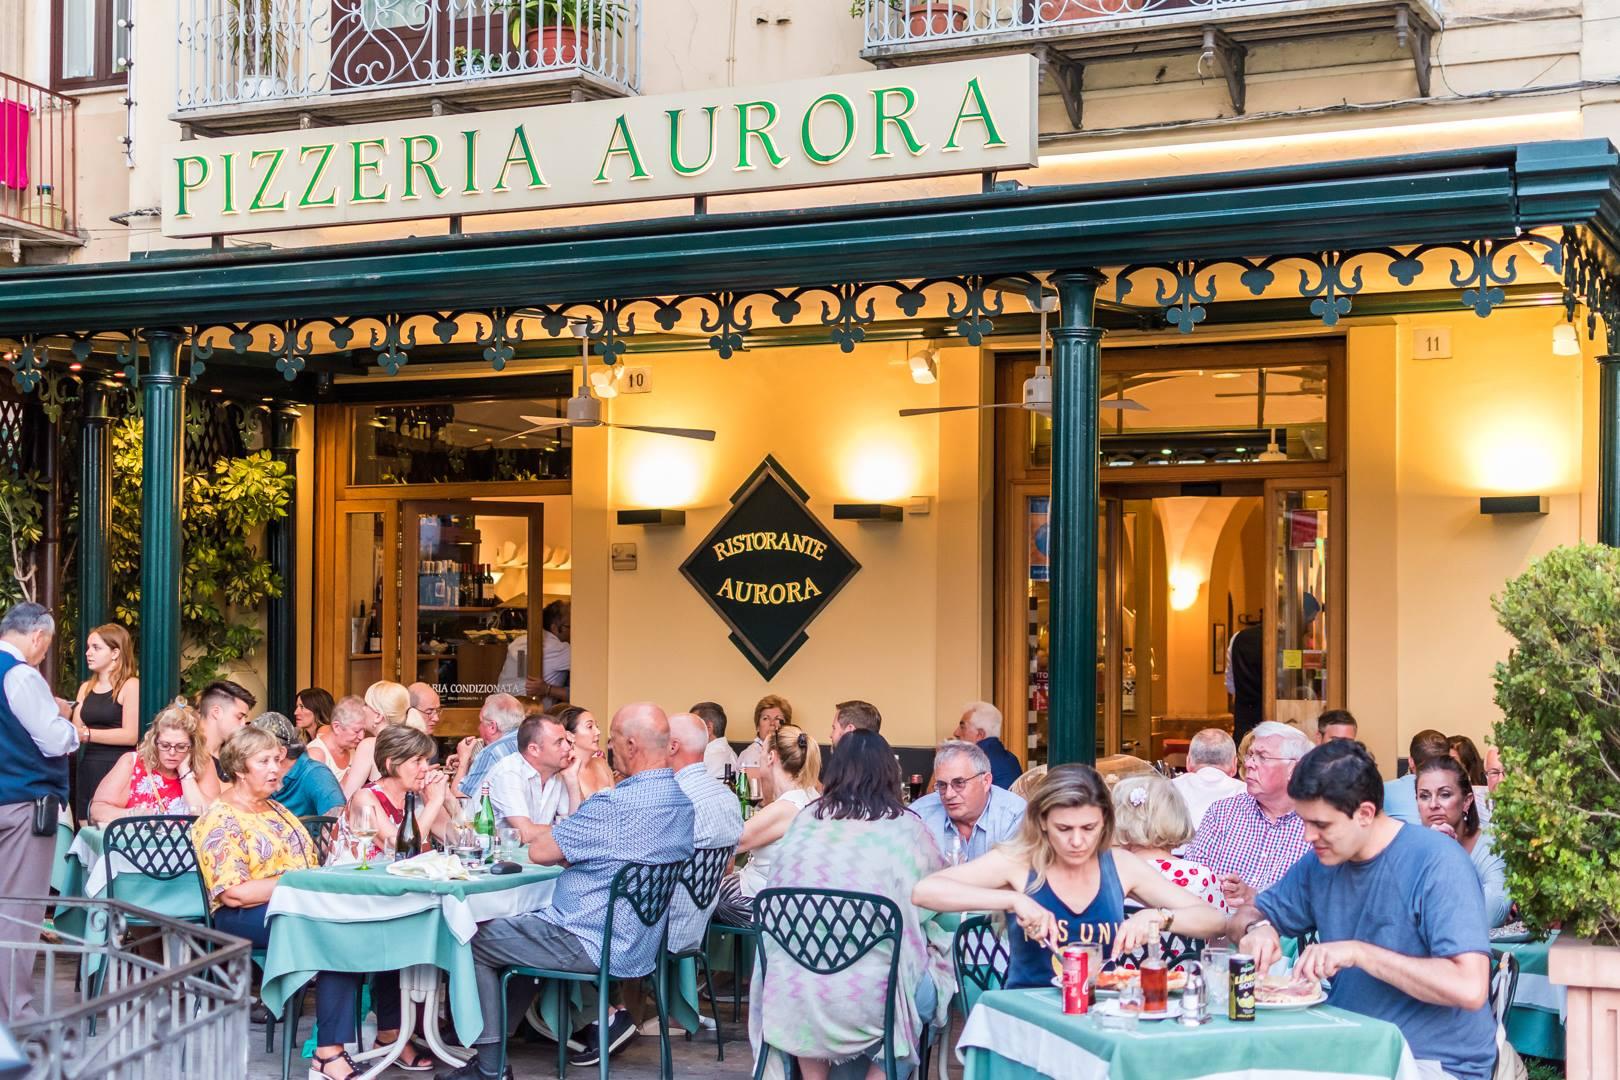 Pizzeria Aurora